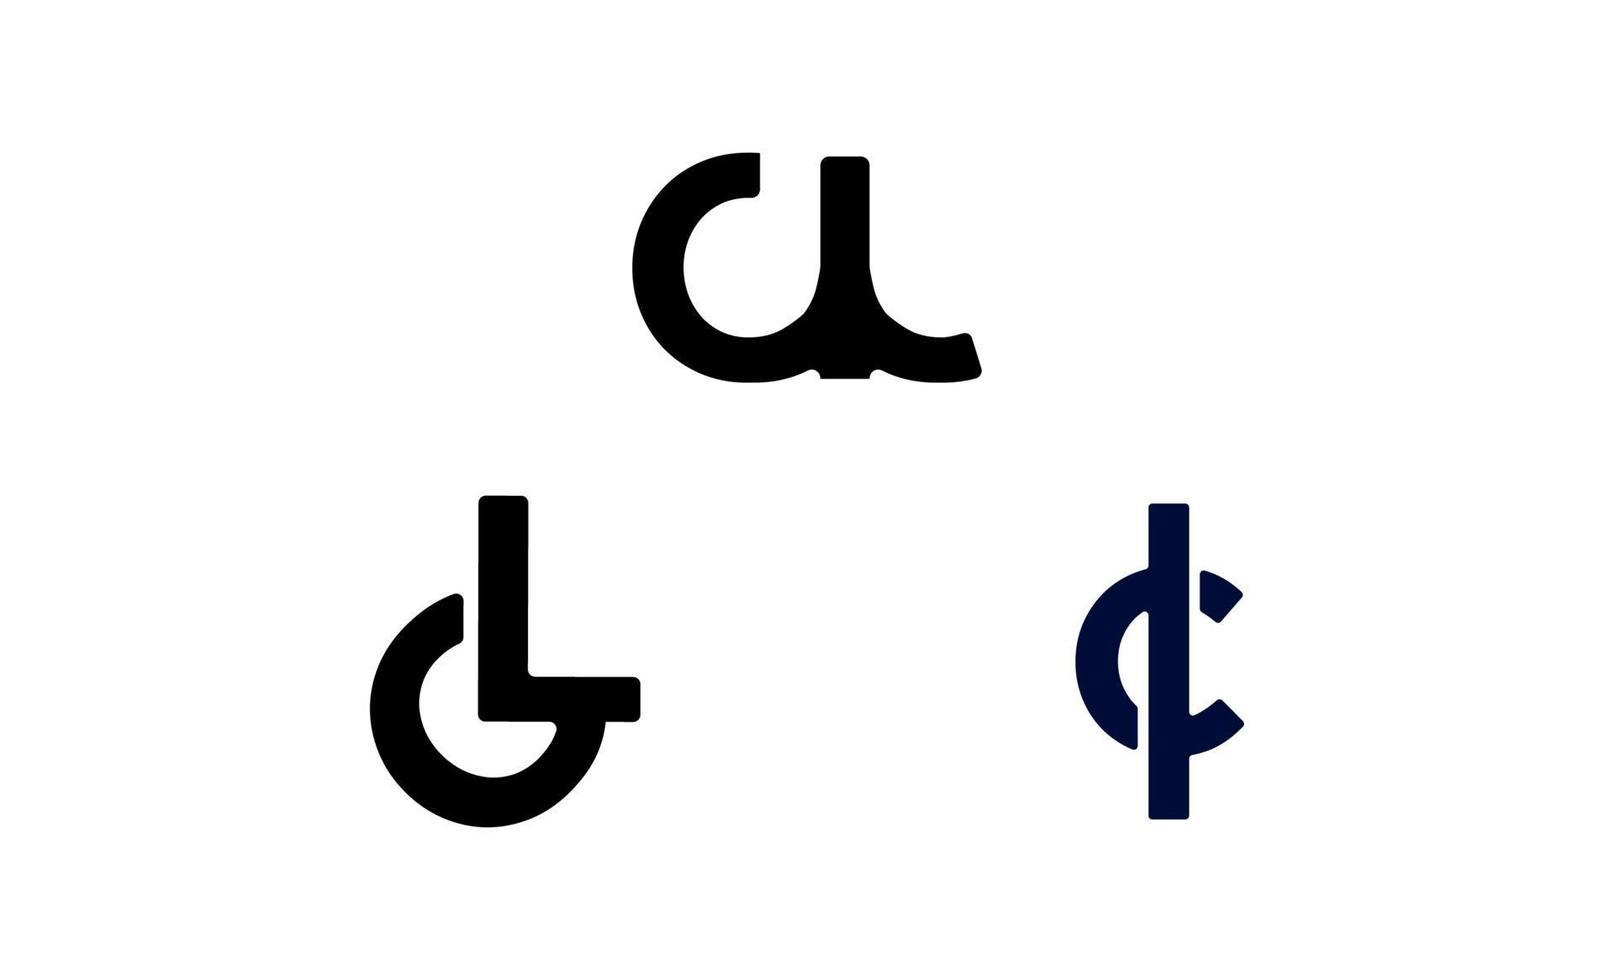 första bokstaven cl, lc logo design mall vektor